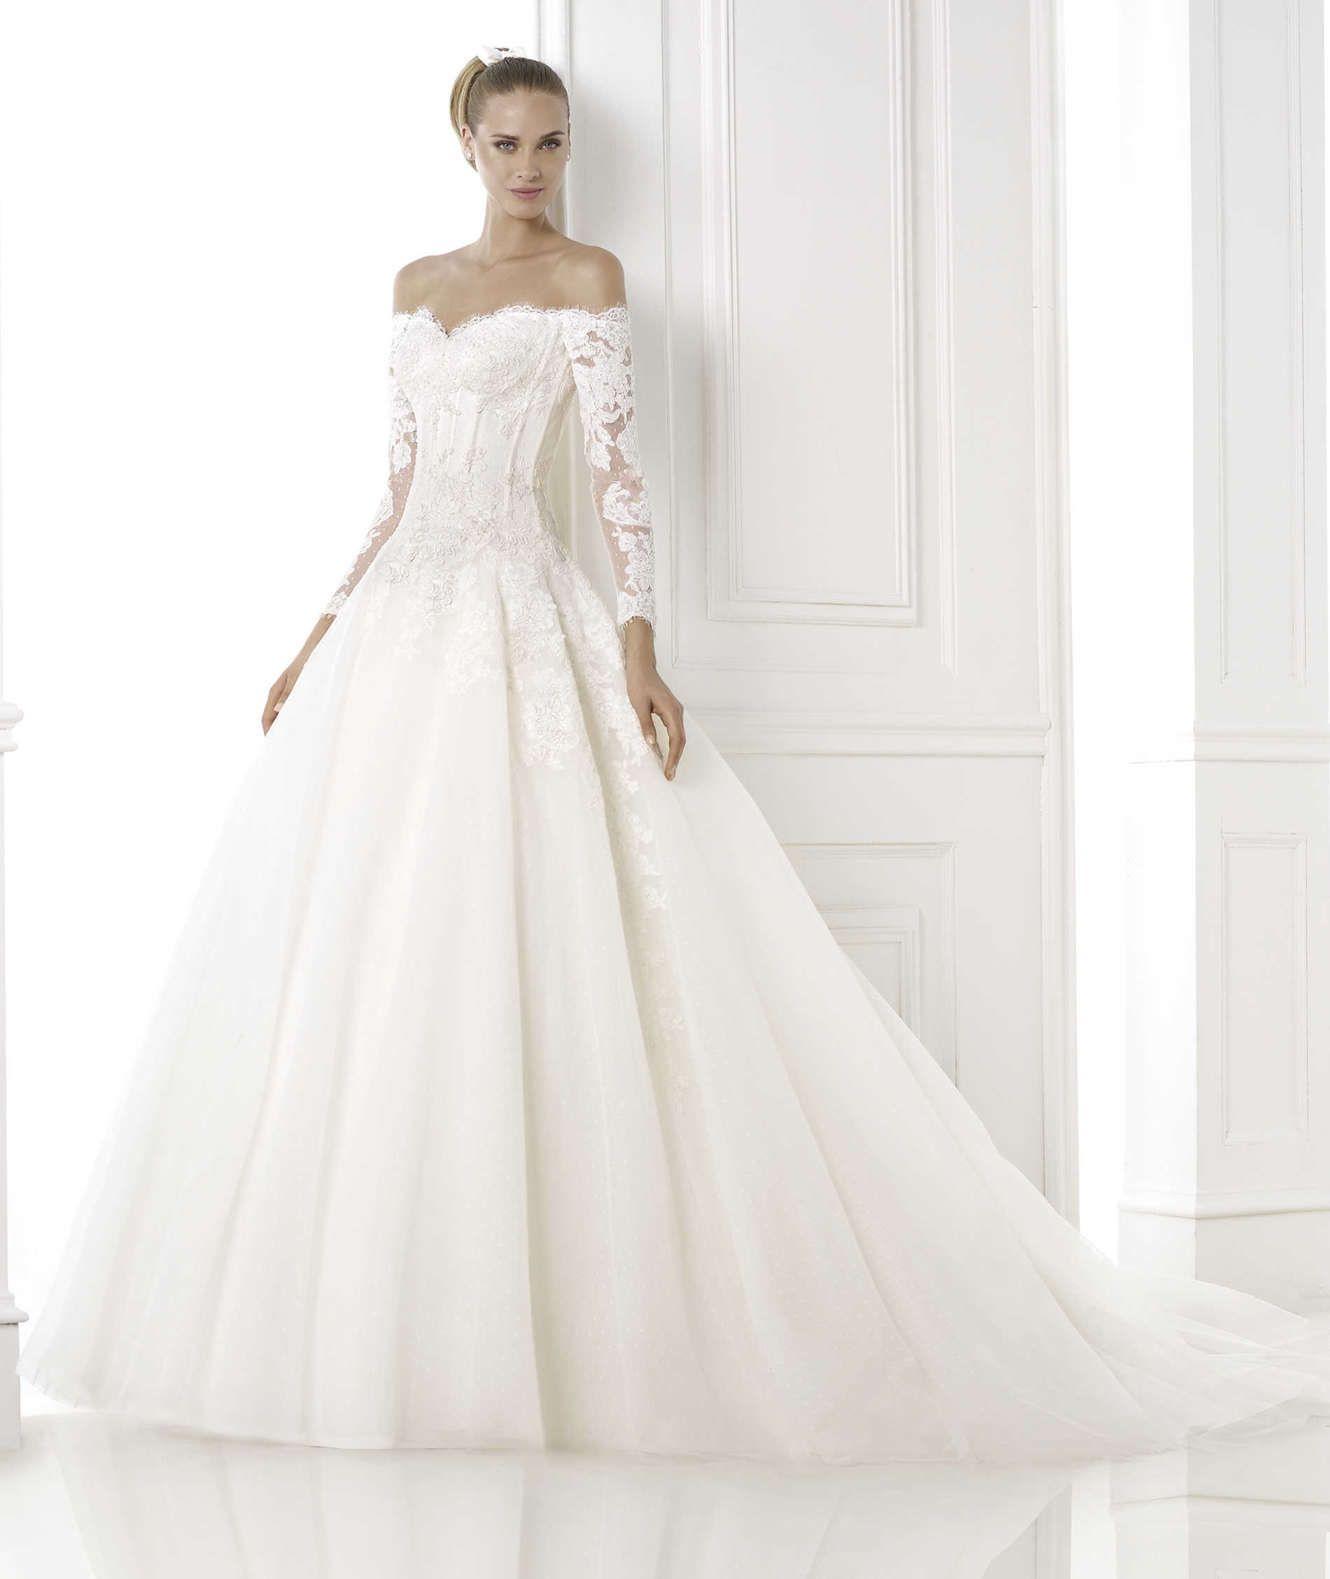 Abiti da sposa stile principessa 2015  Blog su abiti da sposa Italia